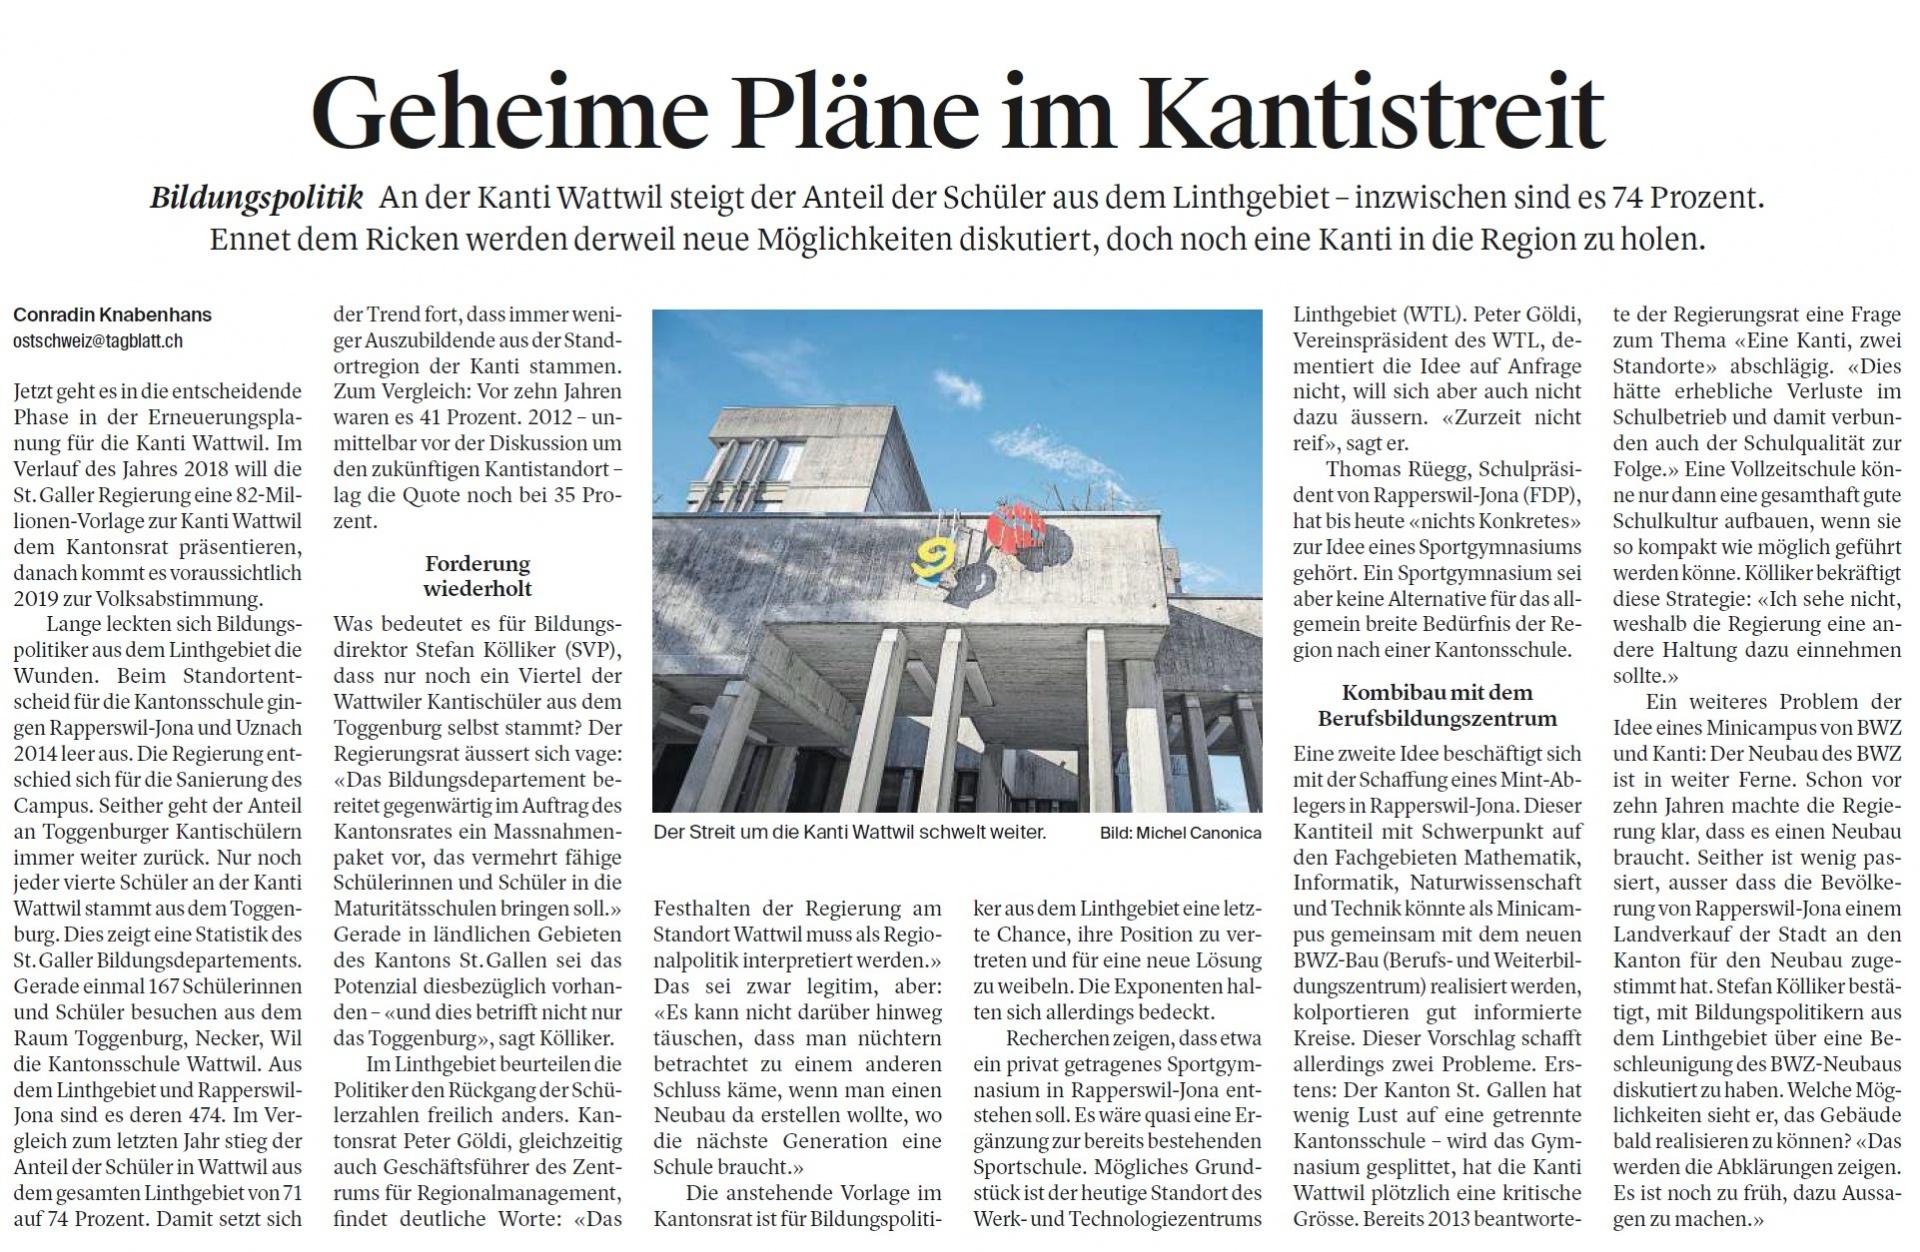 Geheime Pläne im Kantistreit (Montag, 30.10.2017)